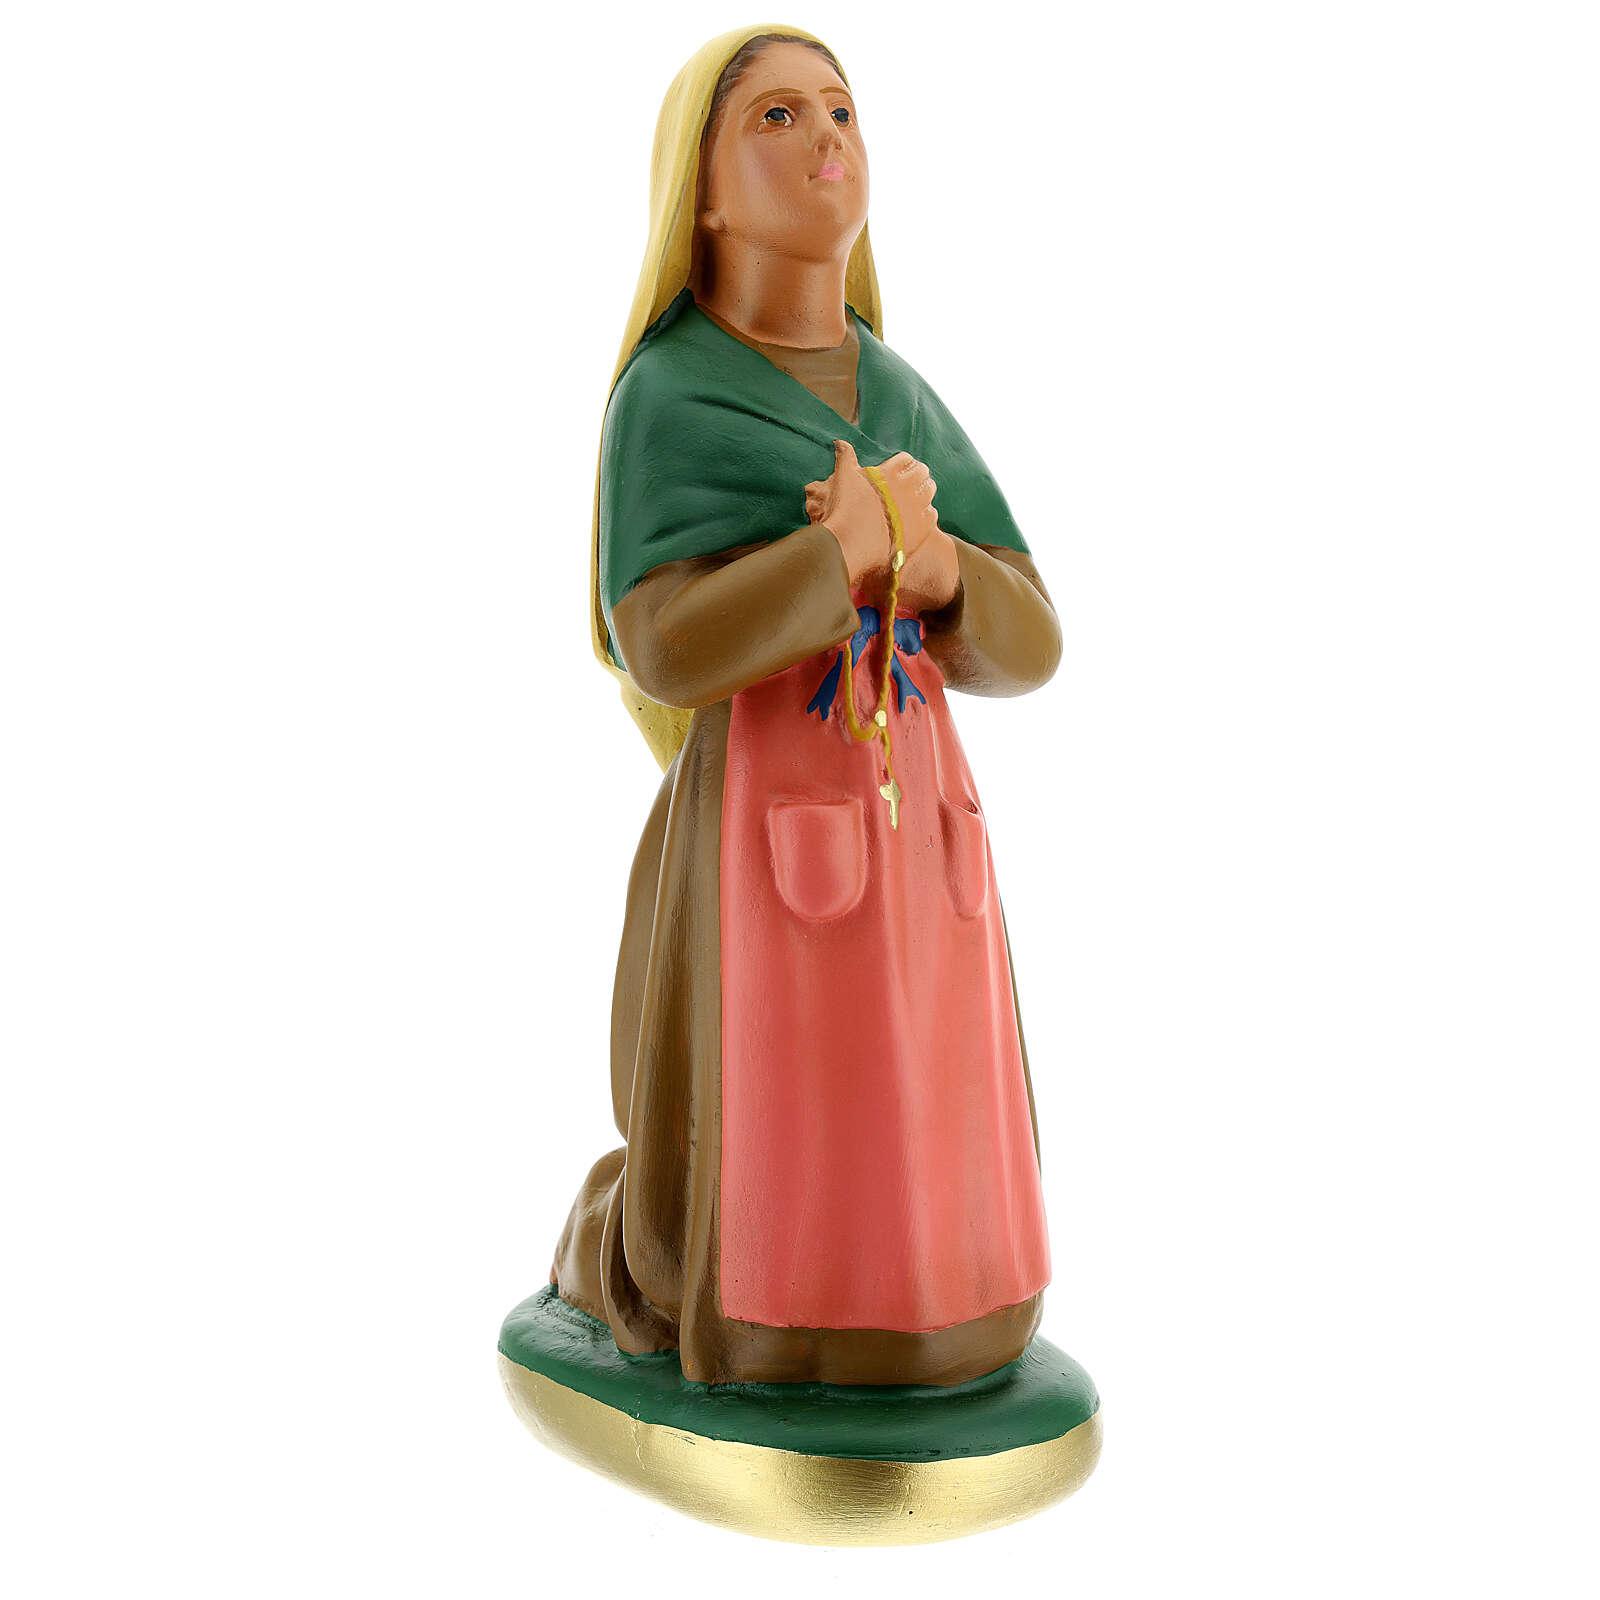 St. Bernadette hand painted plaster statue Arte Barsanti 40 cm 4